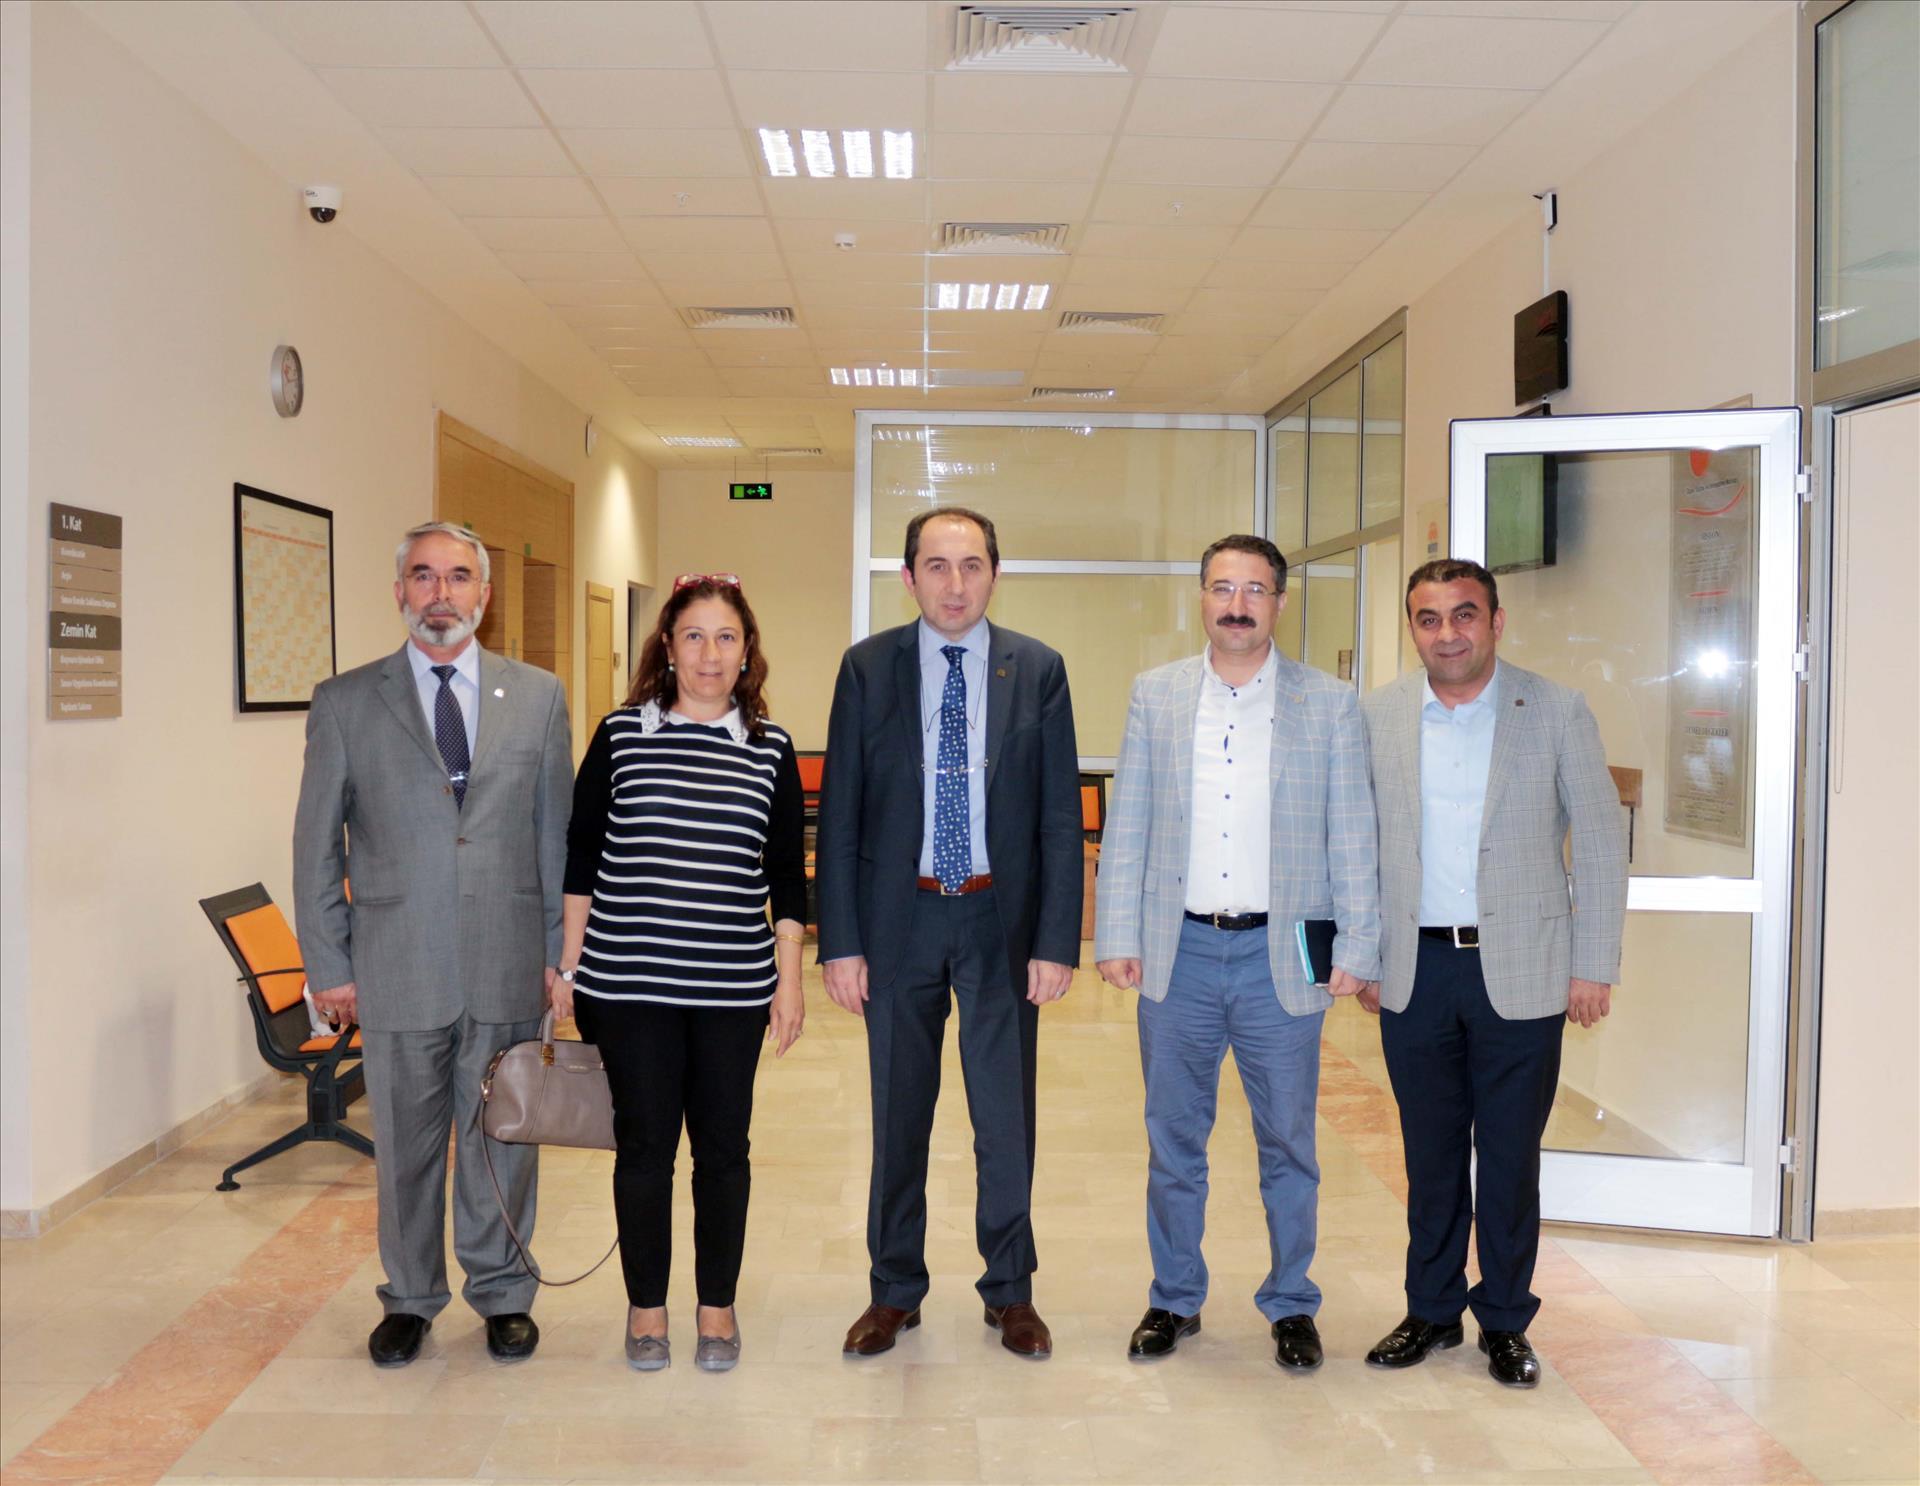 Rektörümüz, Milletvekili Ceritoğlu Kurt ve AK Parti İl Başkanı Bekiroğlu İle Birlikte Sınav Merkezimizi Ziyaret Etti